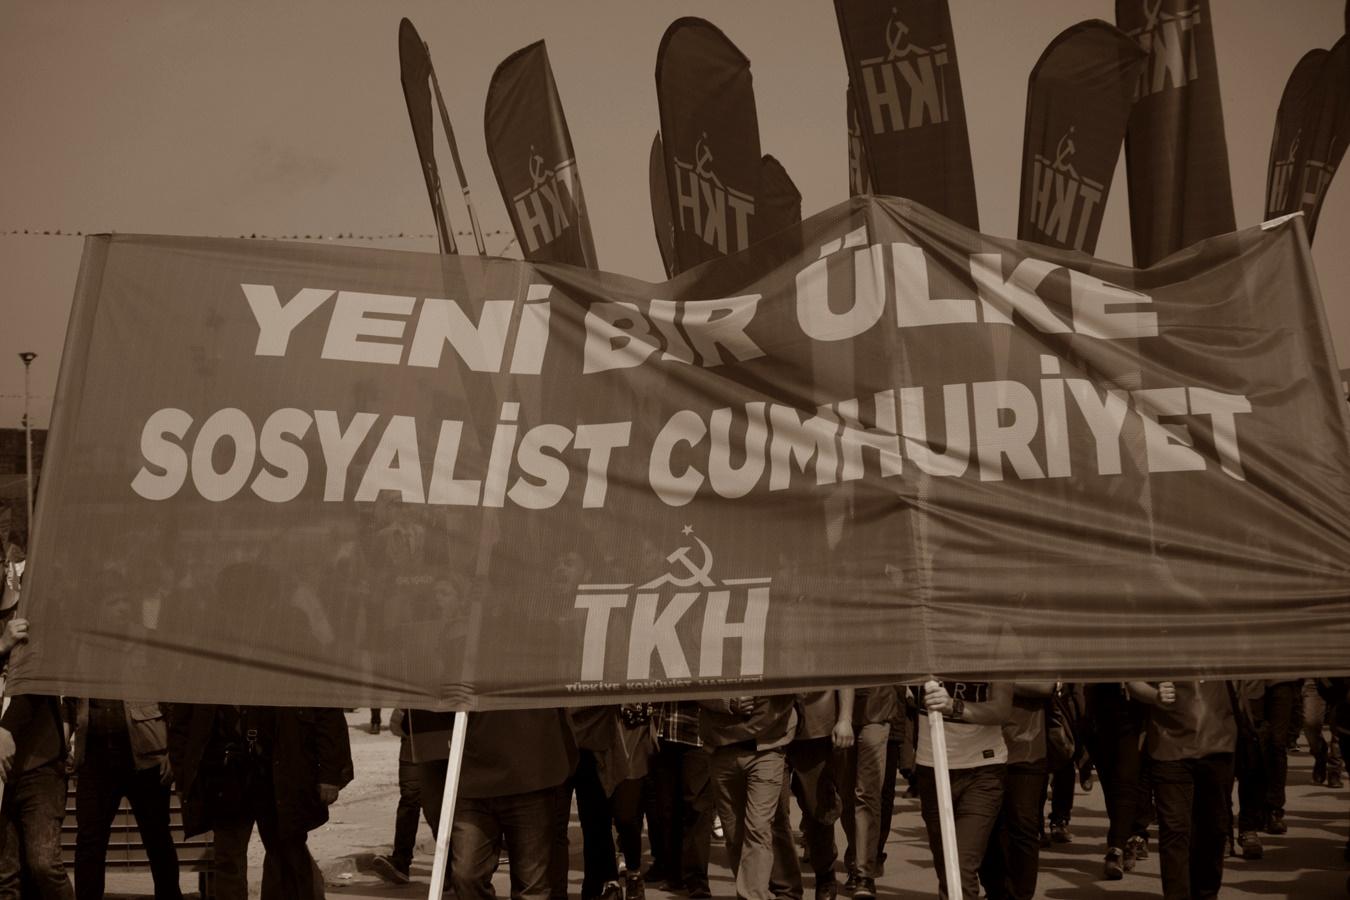 Sosyalist Cumhuriyet: Yeni bir cumhuriyeti inşa etmek!